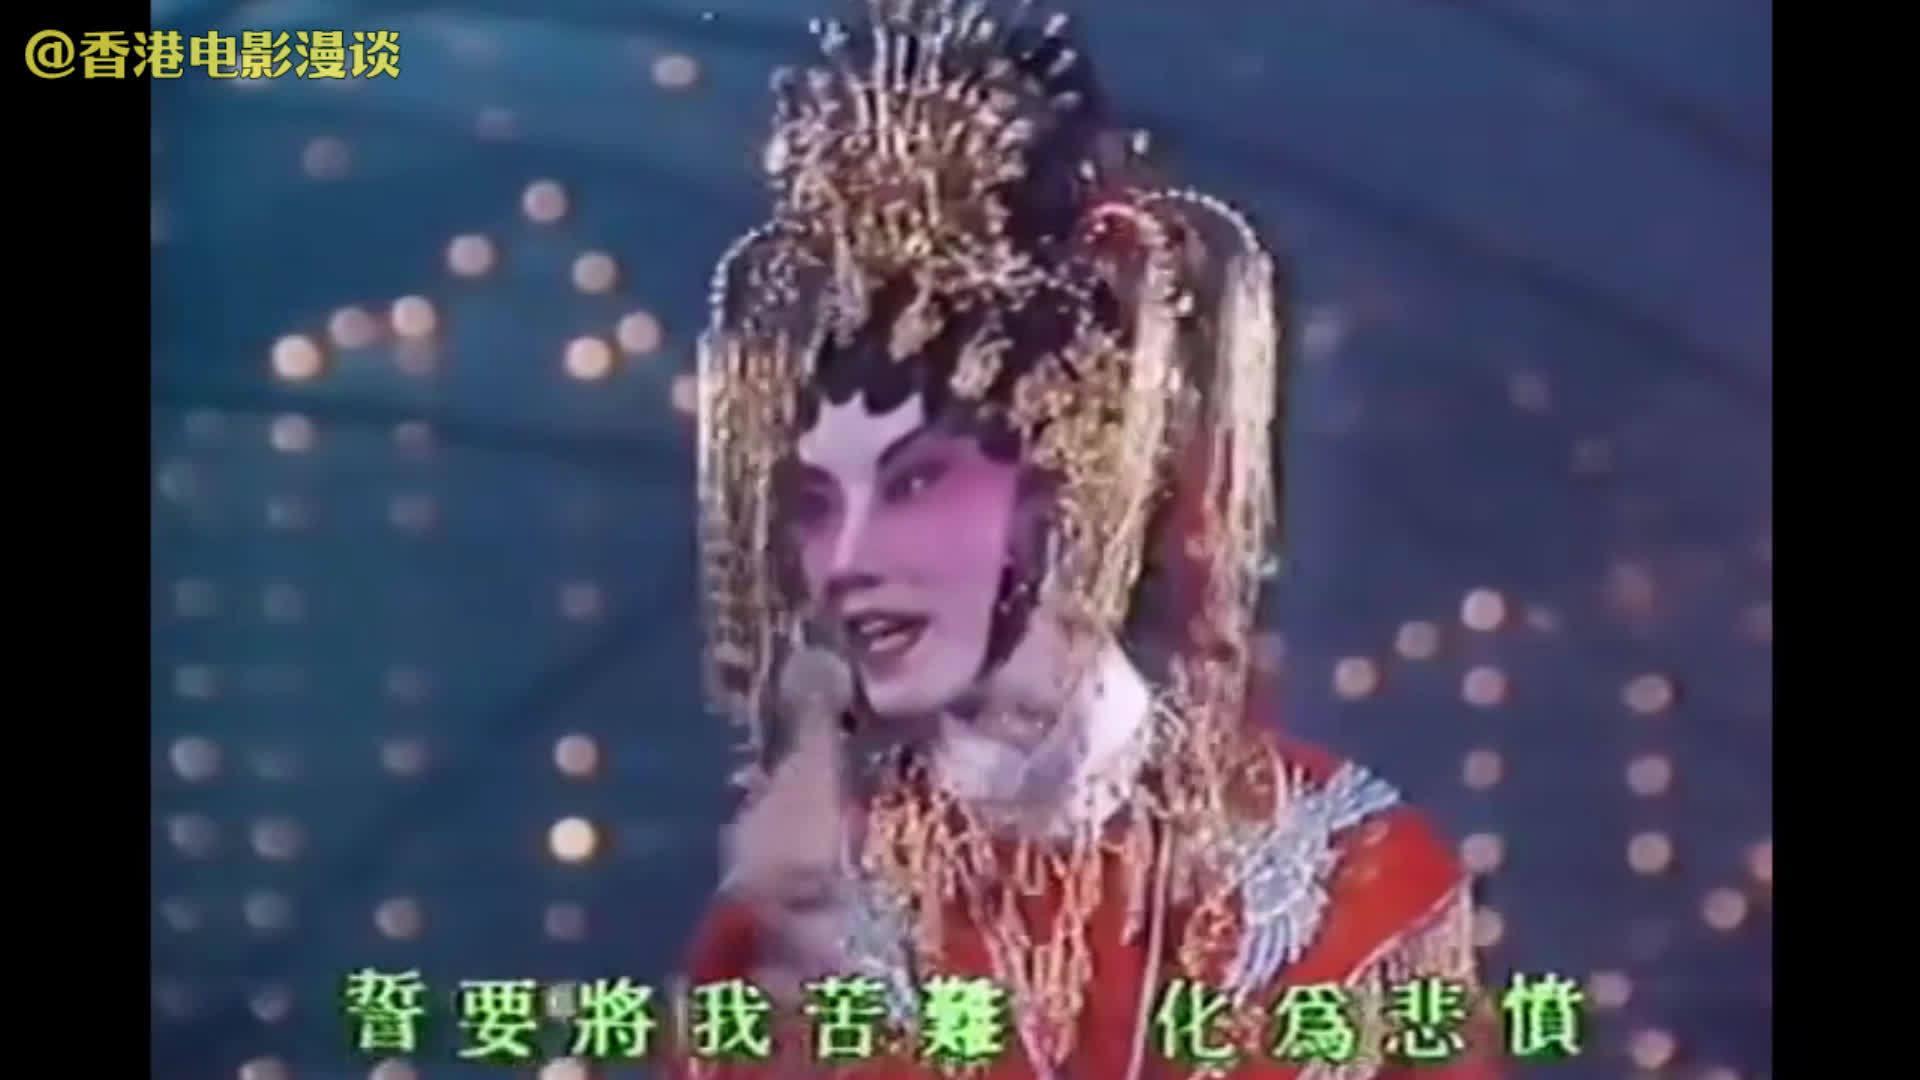 「做个勇敢中国人 热血唤醒中国魂 我万众一心 哪惧怕牺牲 冲开黑